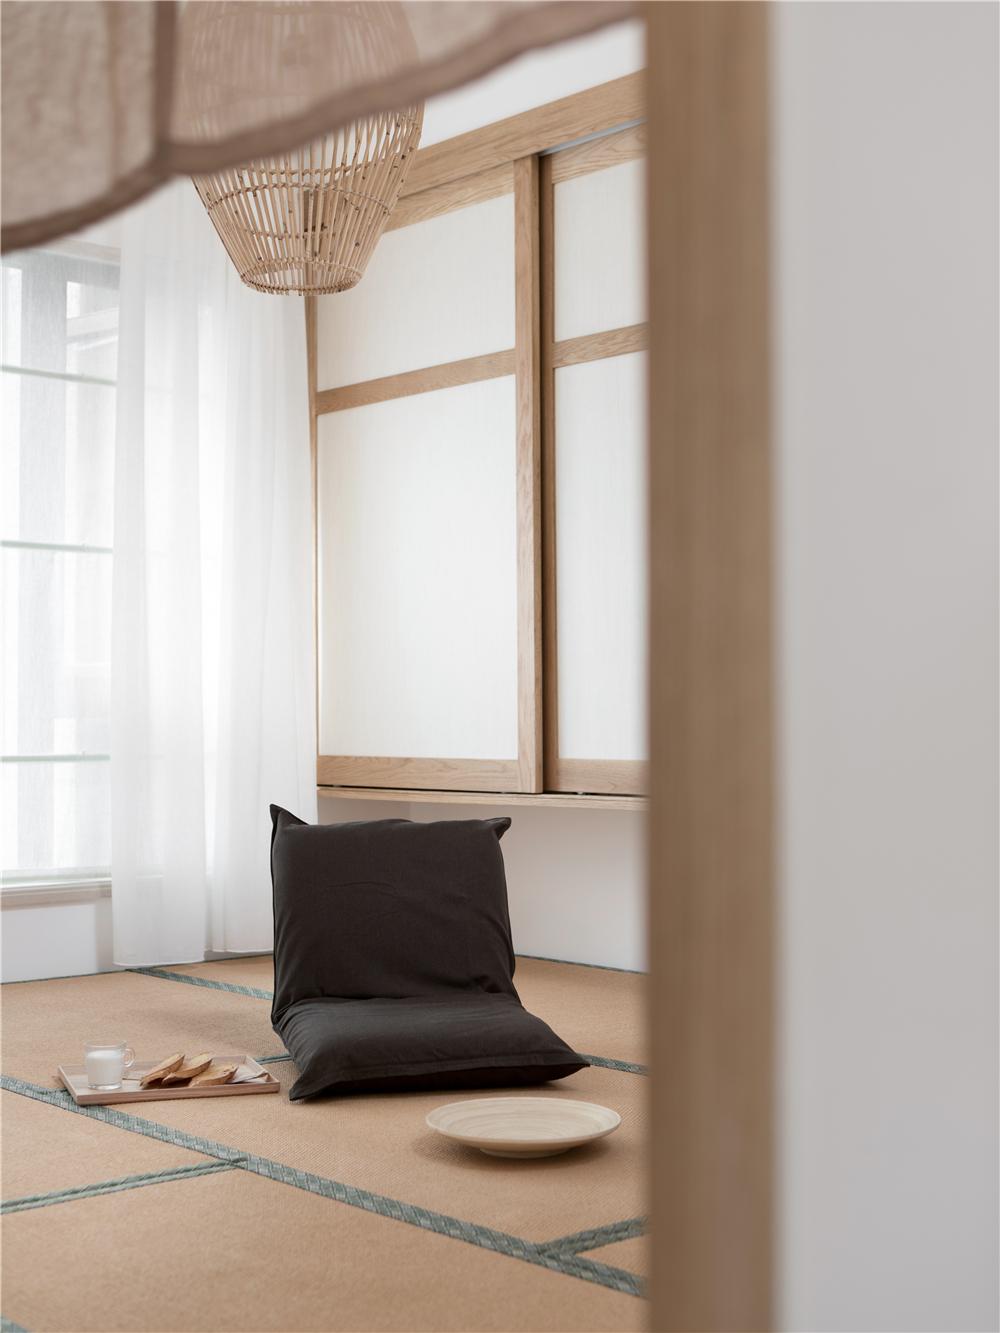 140㎡日式风格榻榻米装修效果图